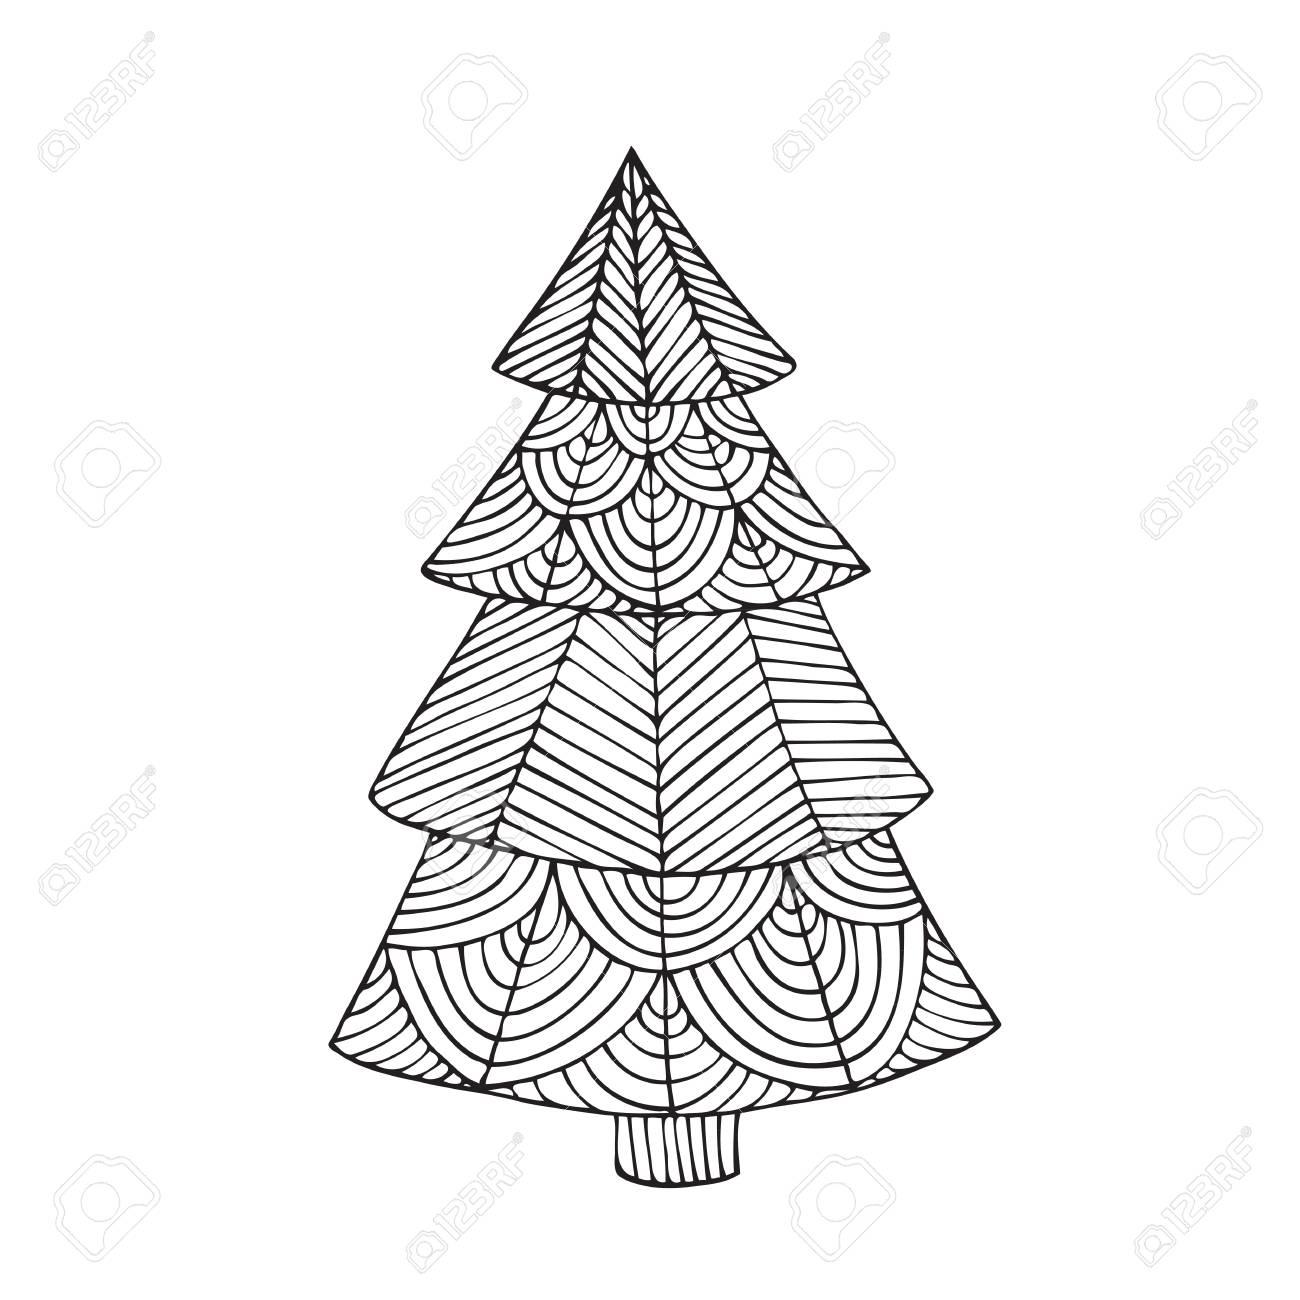 Diseño De Página De Libro De Colorear Para Adultos Con La Imagen De Un árbol De Navidad Página De Libro Para Colorear Para Adulto Ilustración De